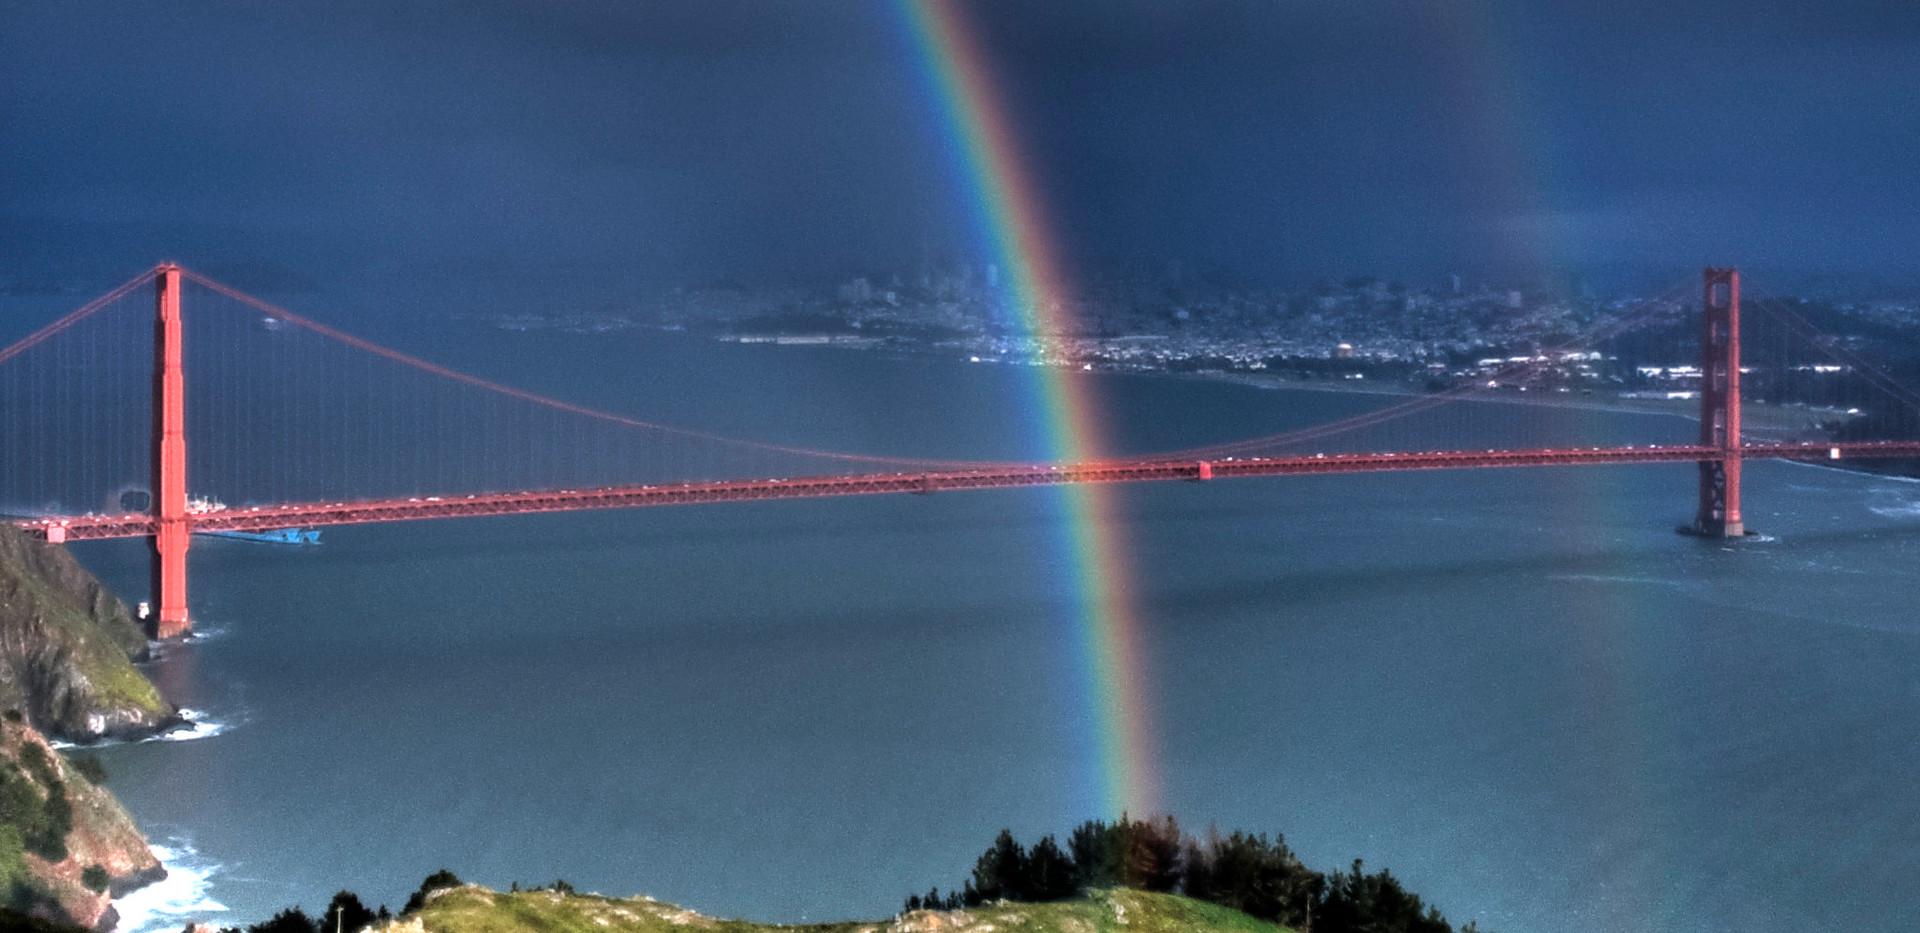 The Bridge and Rainbow